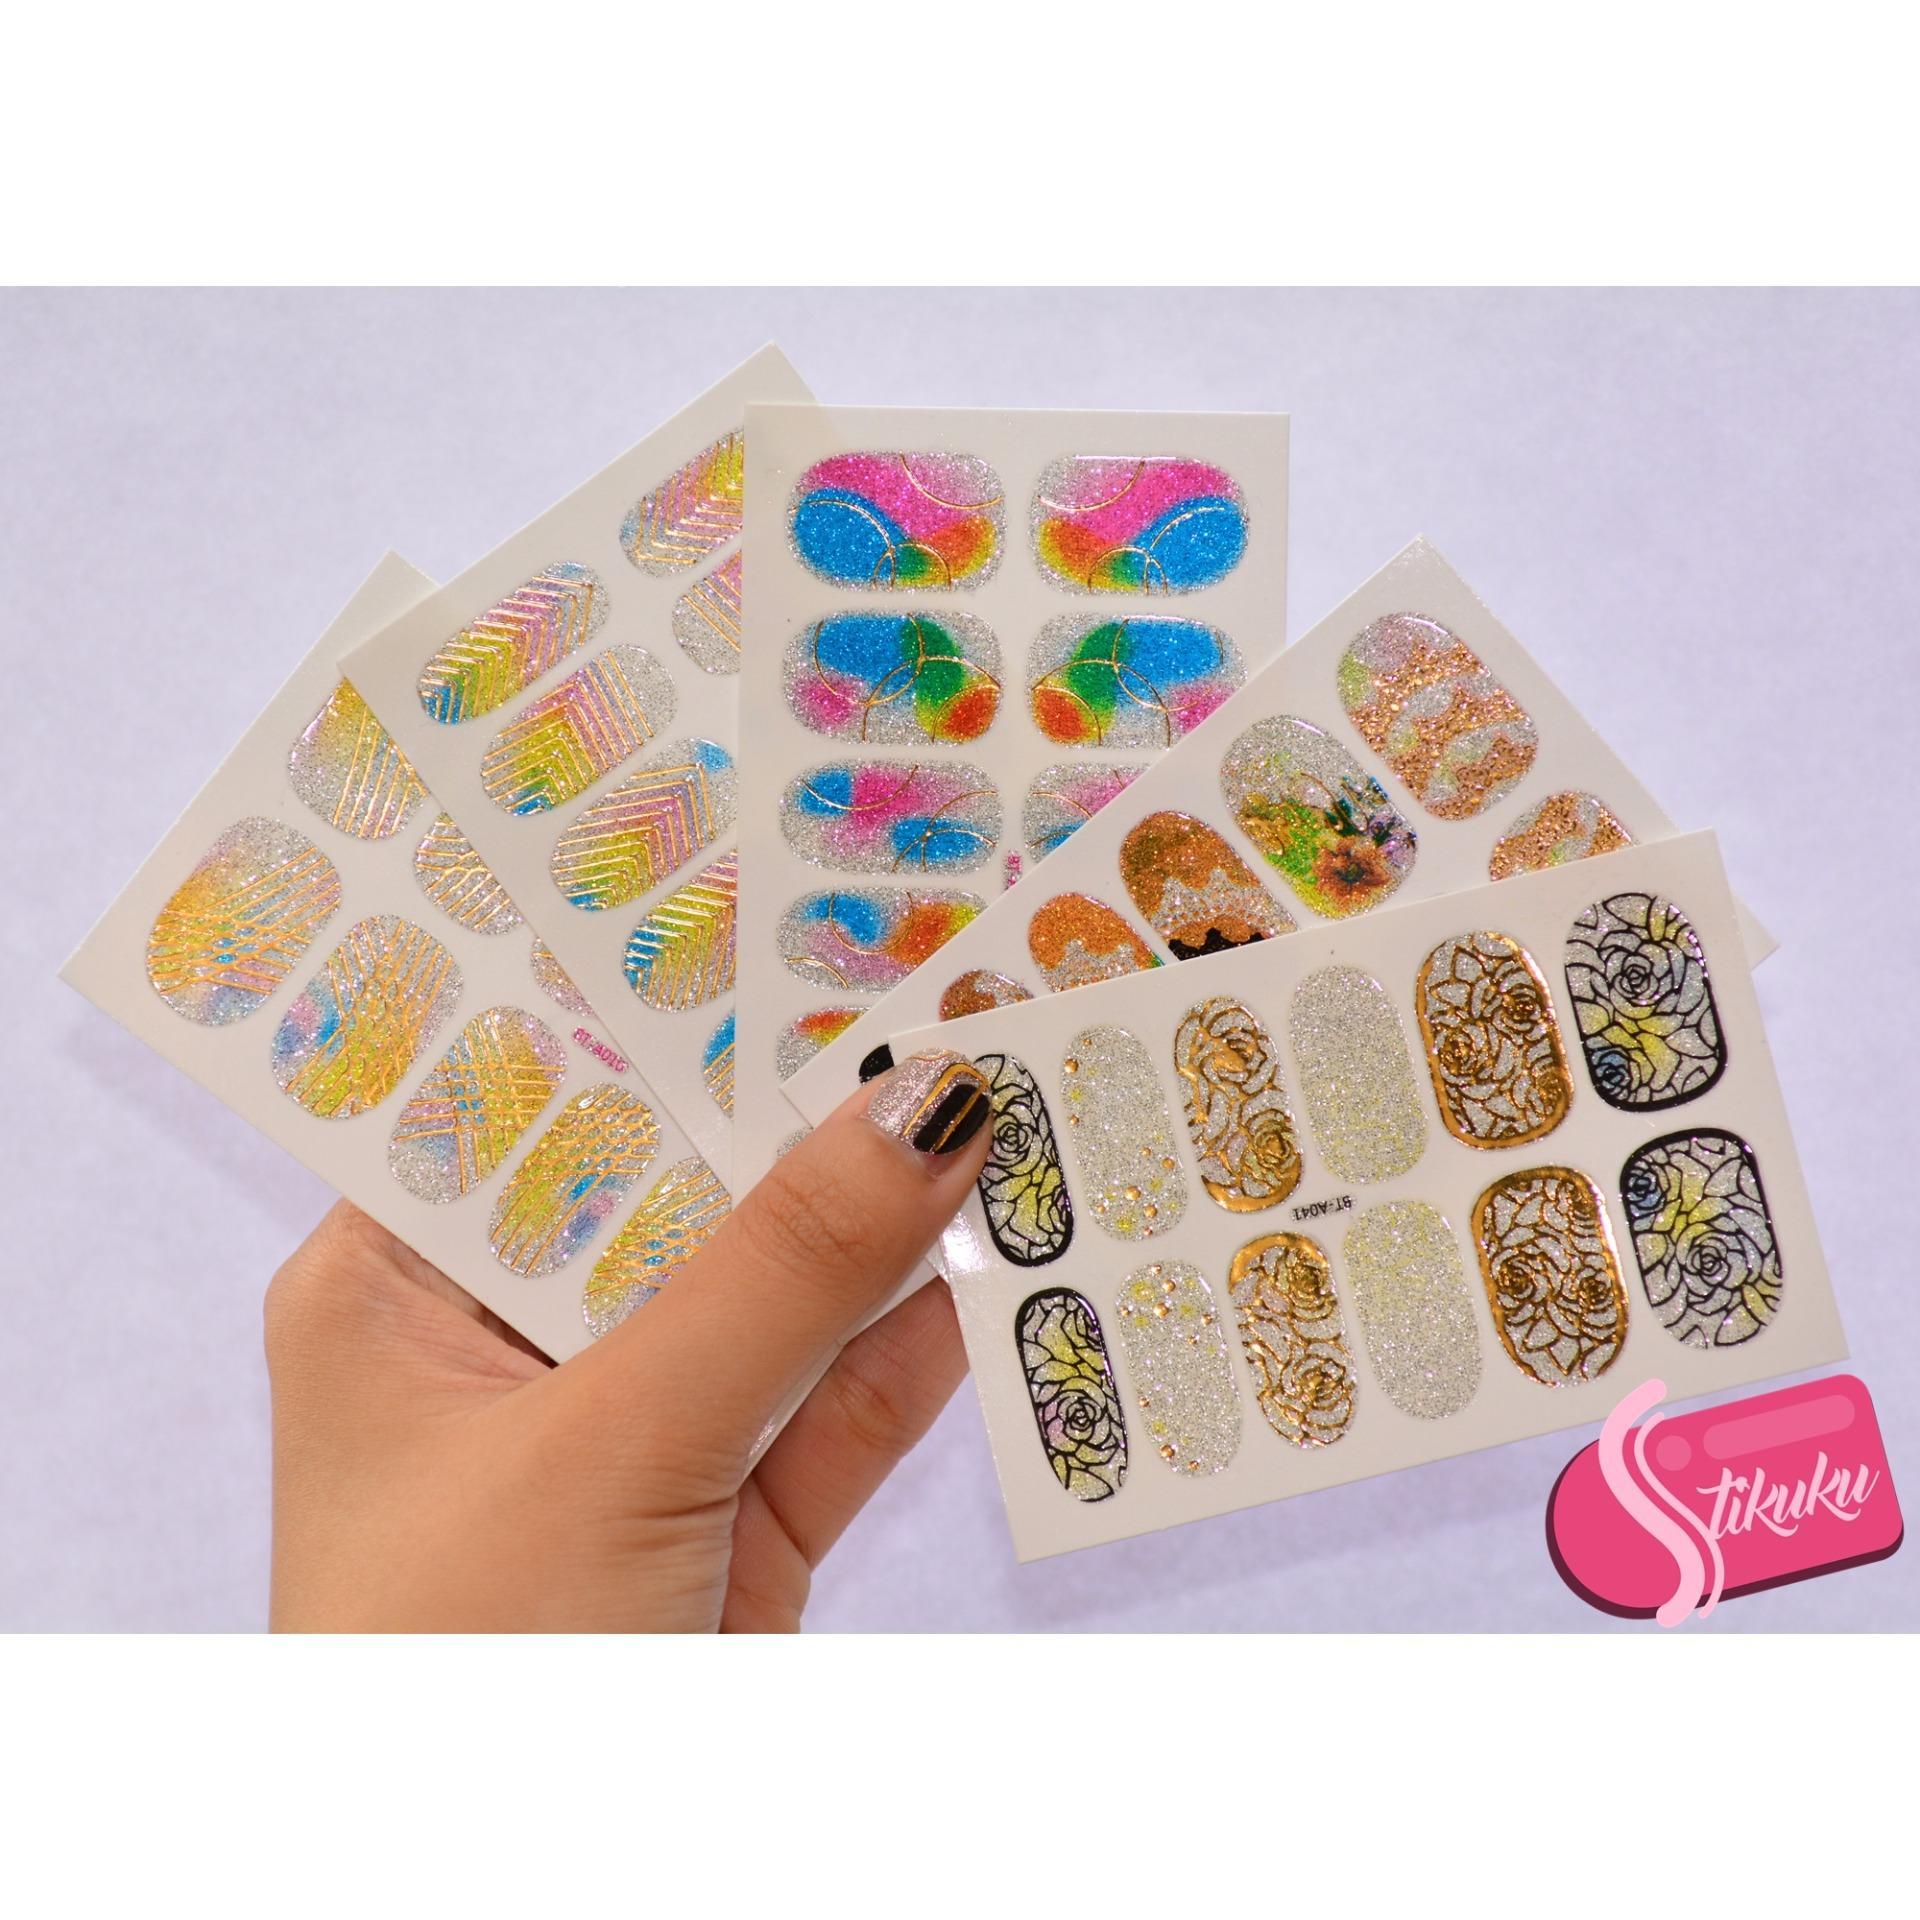 Stikuku Nail Sticker 3d Gliter Free Kikir Pembersih Kuku Spec Kw023 Amplas Cantik Versi Korea Buffer Atau Polished